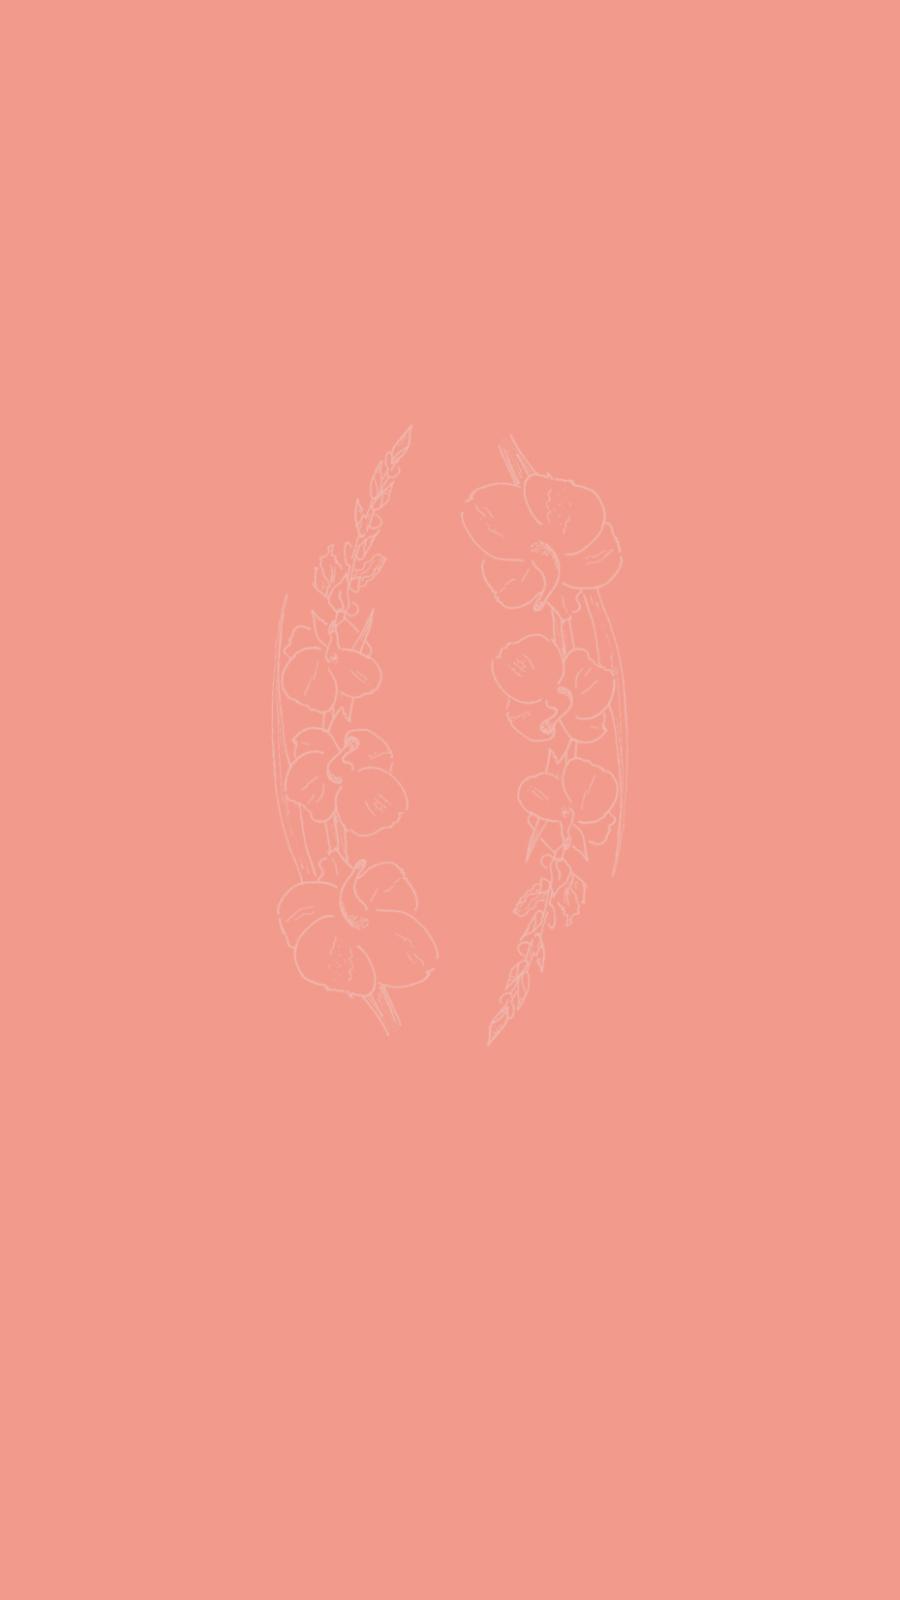 gladiolus flower sketch